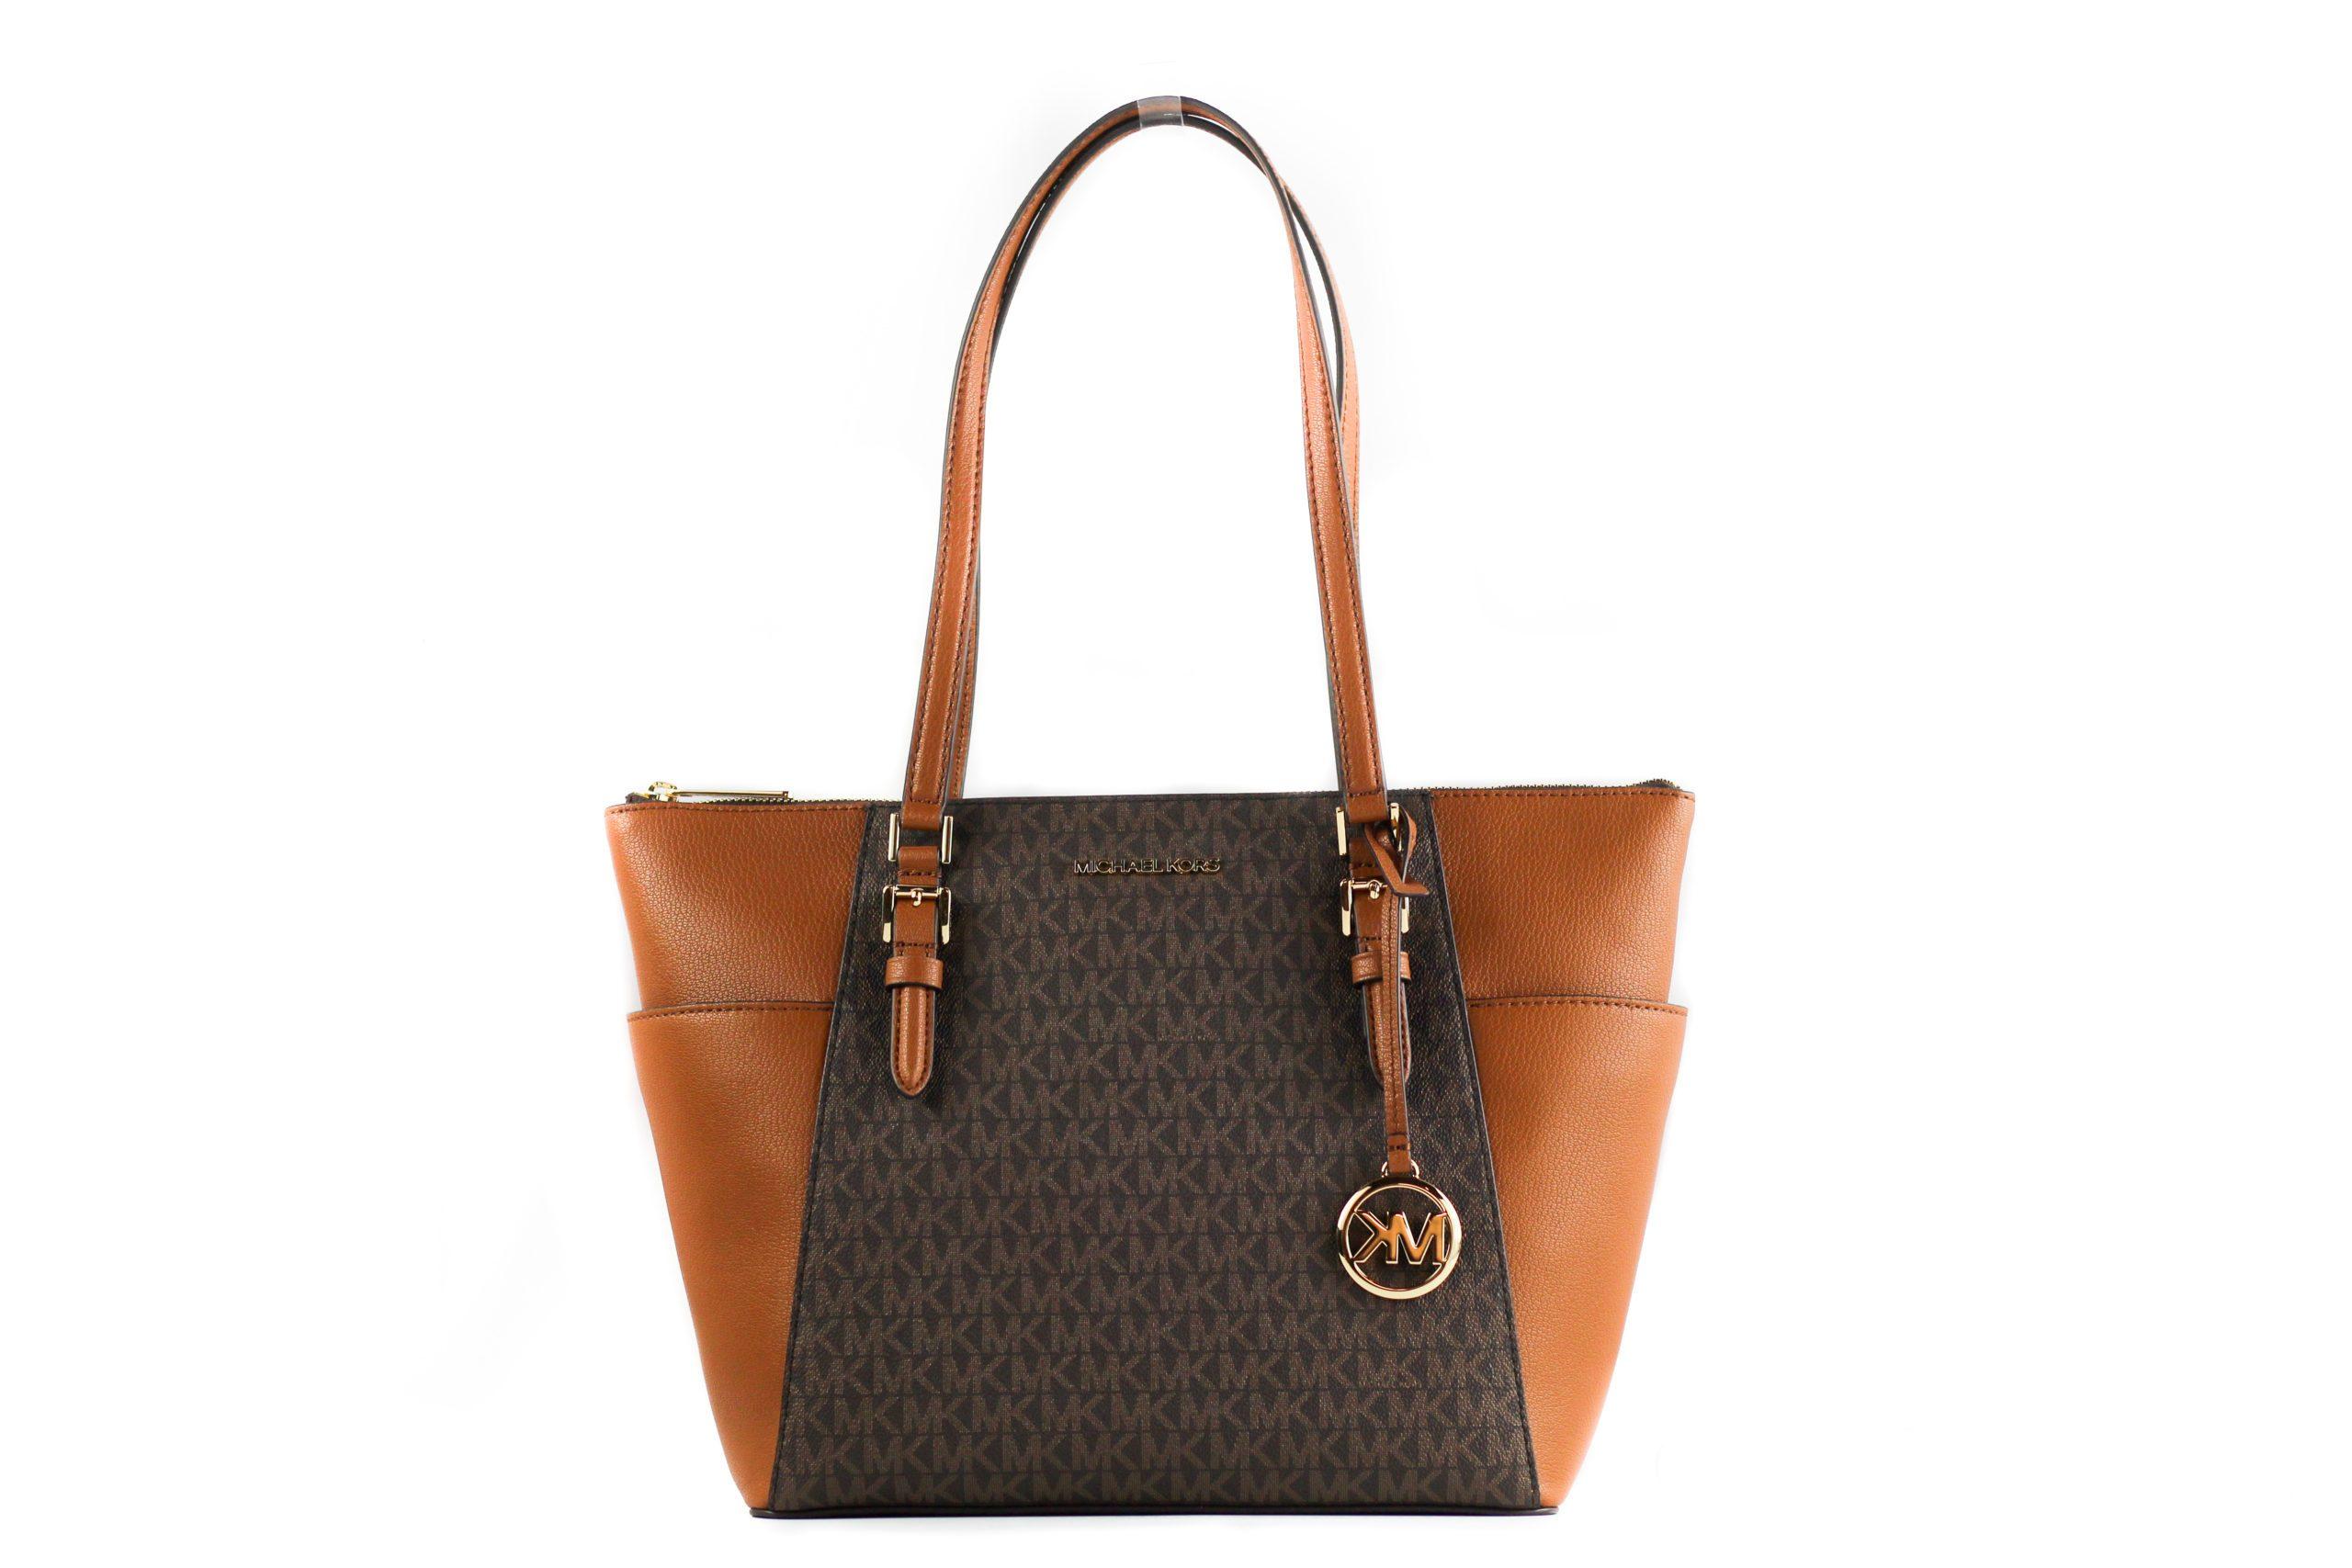 Michael Kors Women's Charlotte Tote Bag Brown 17098